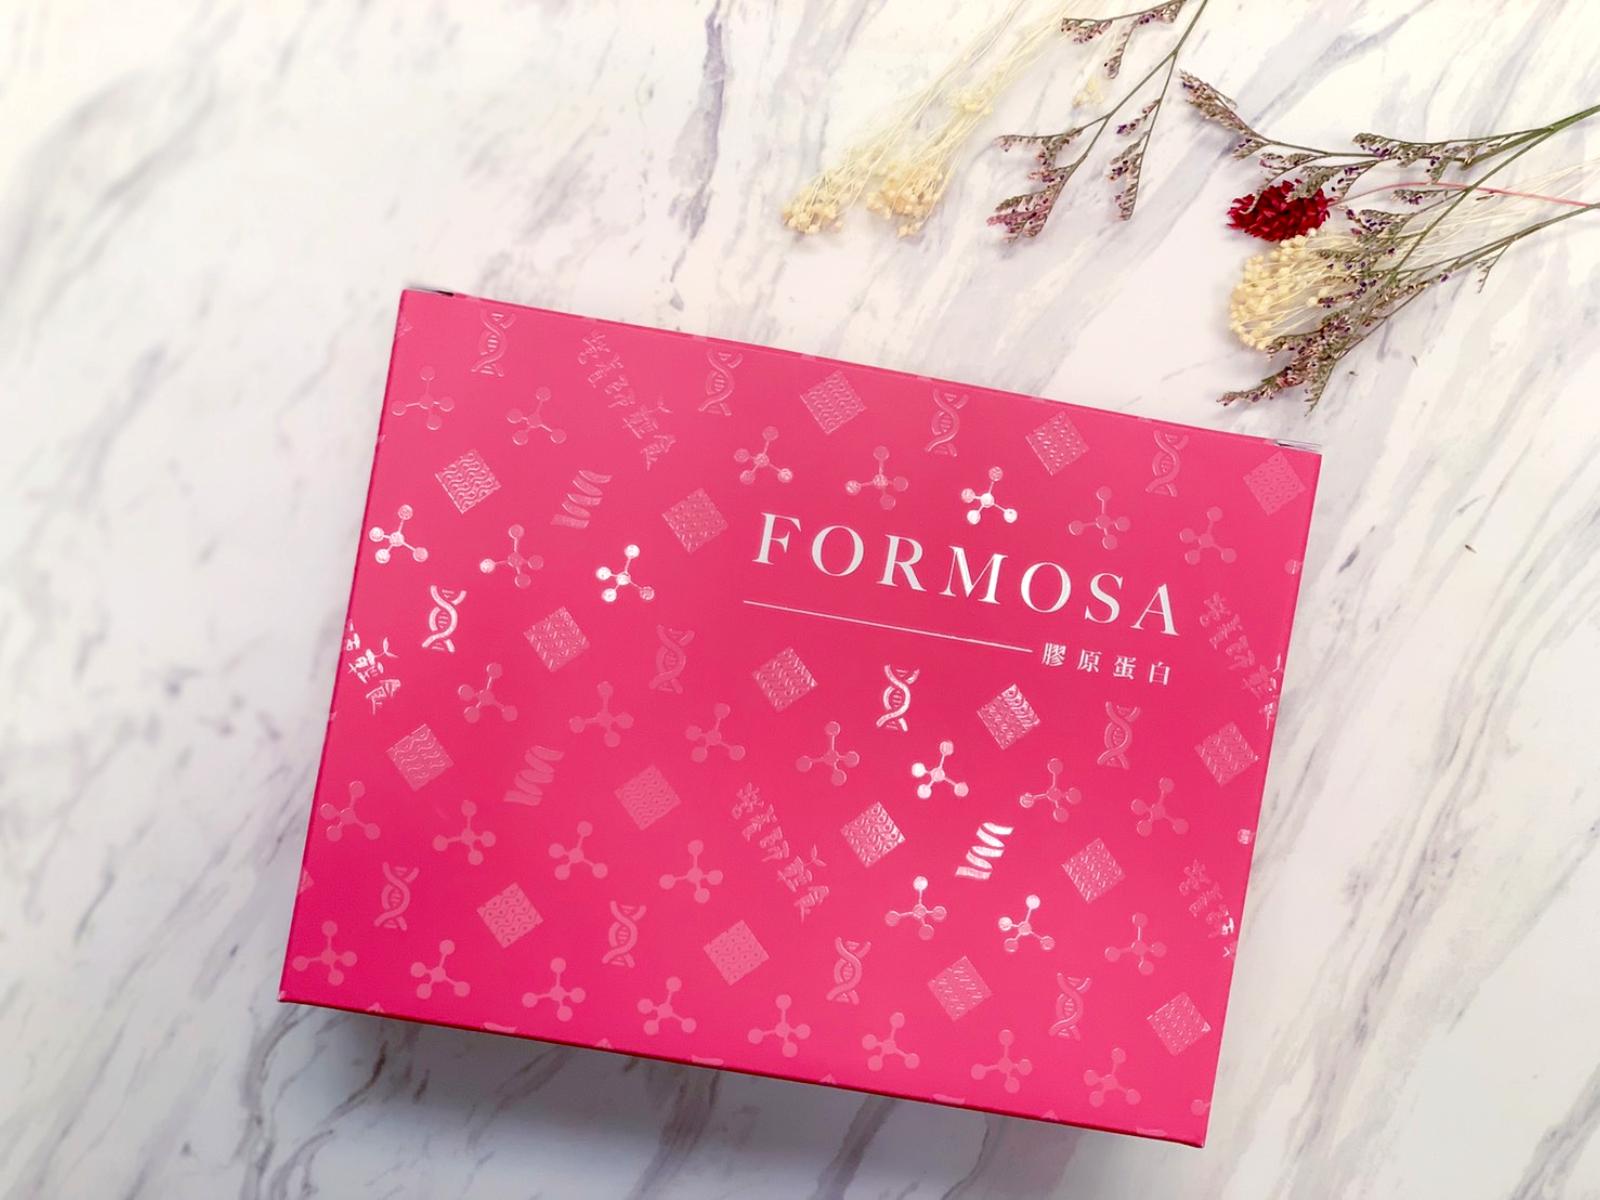 膠原蛋白粉怎麼吃?Formosa 膠原蛋白推薦|食用好處、方法一次全公開!